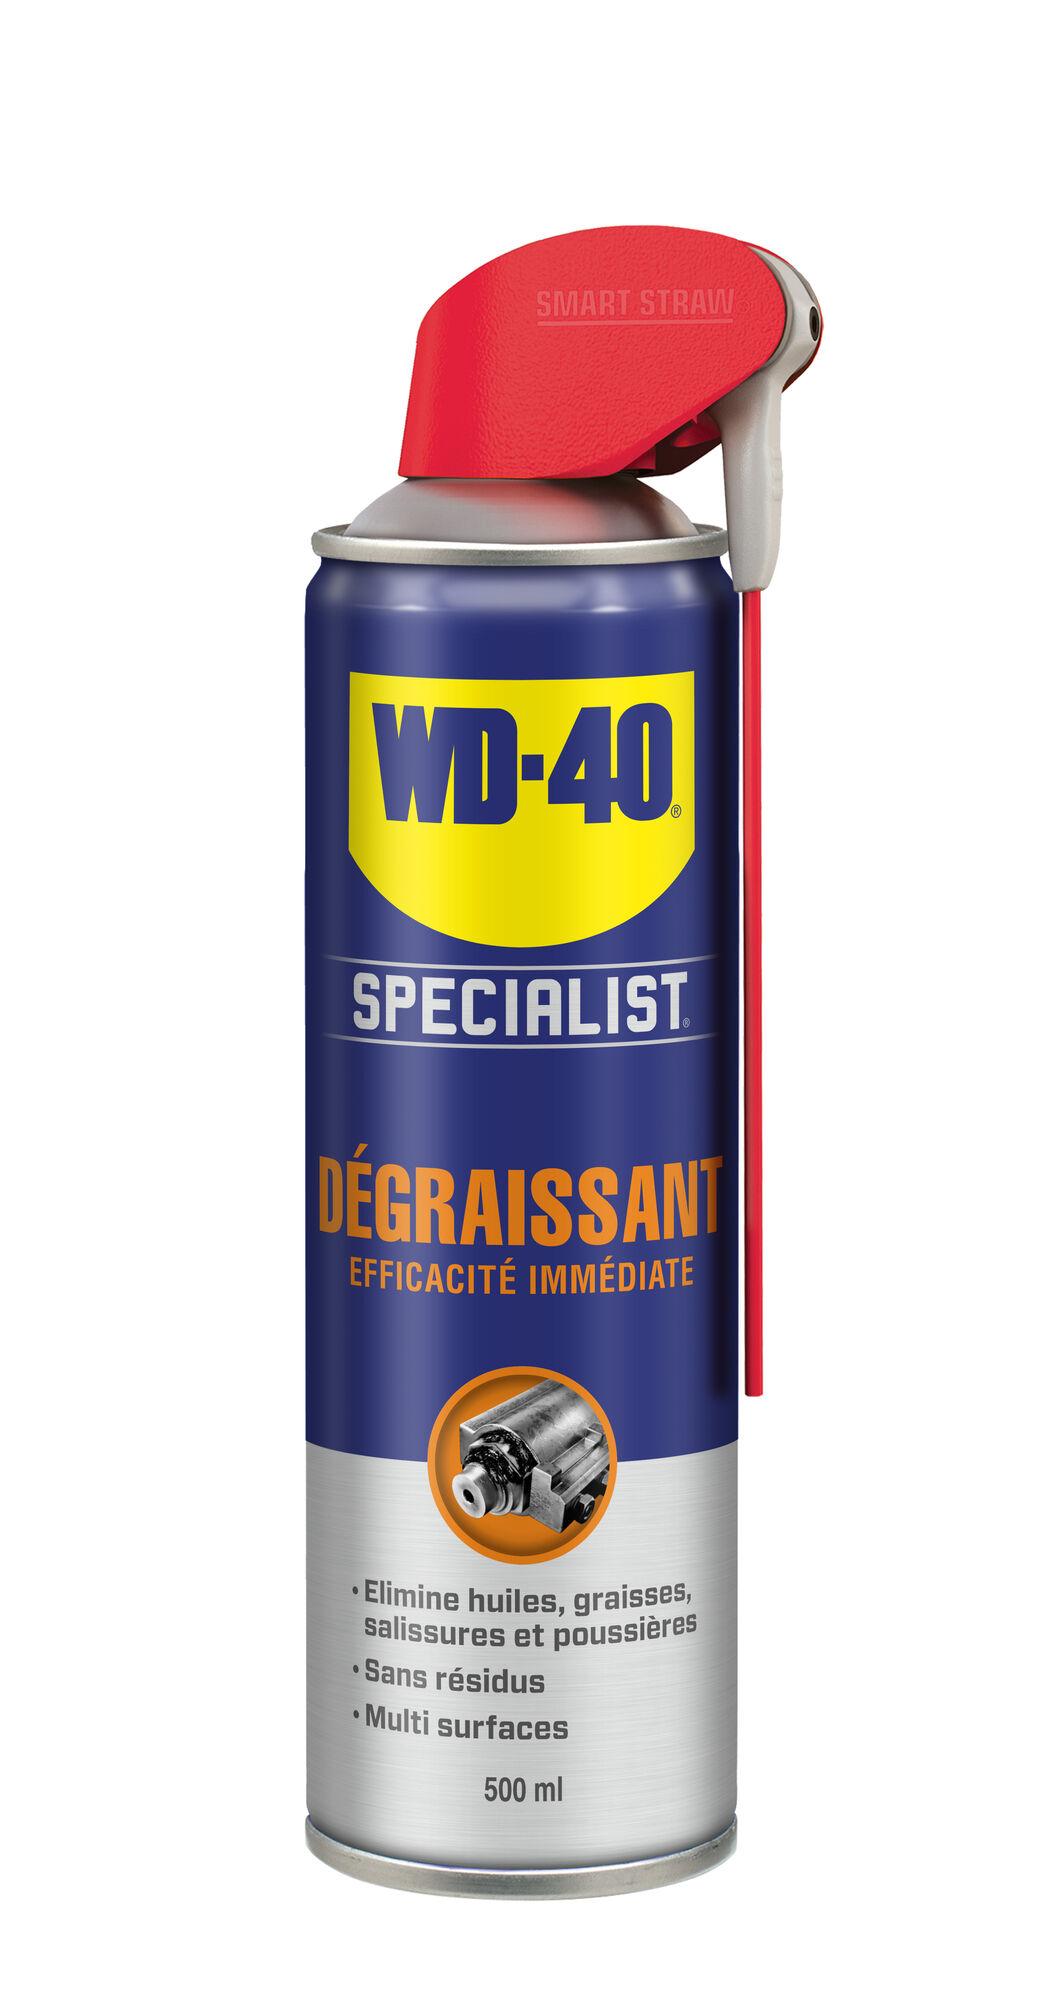 WD-40 SPECIALIST Dégraissant efficacité immédiate 500 ml - WD-40 SPECIALIST - 33393